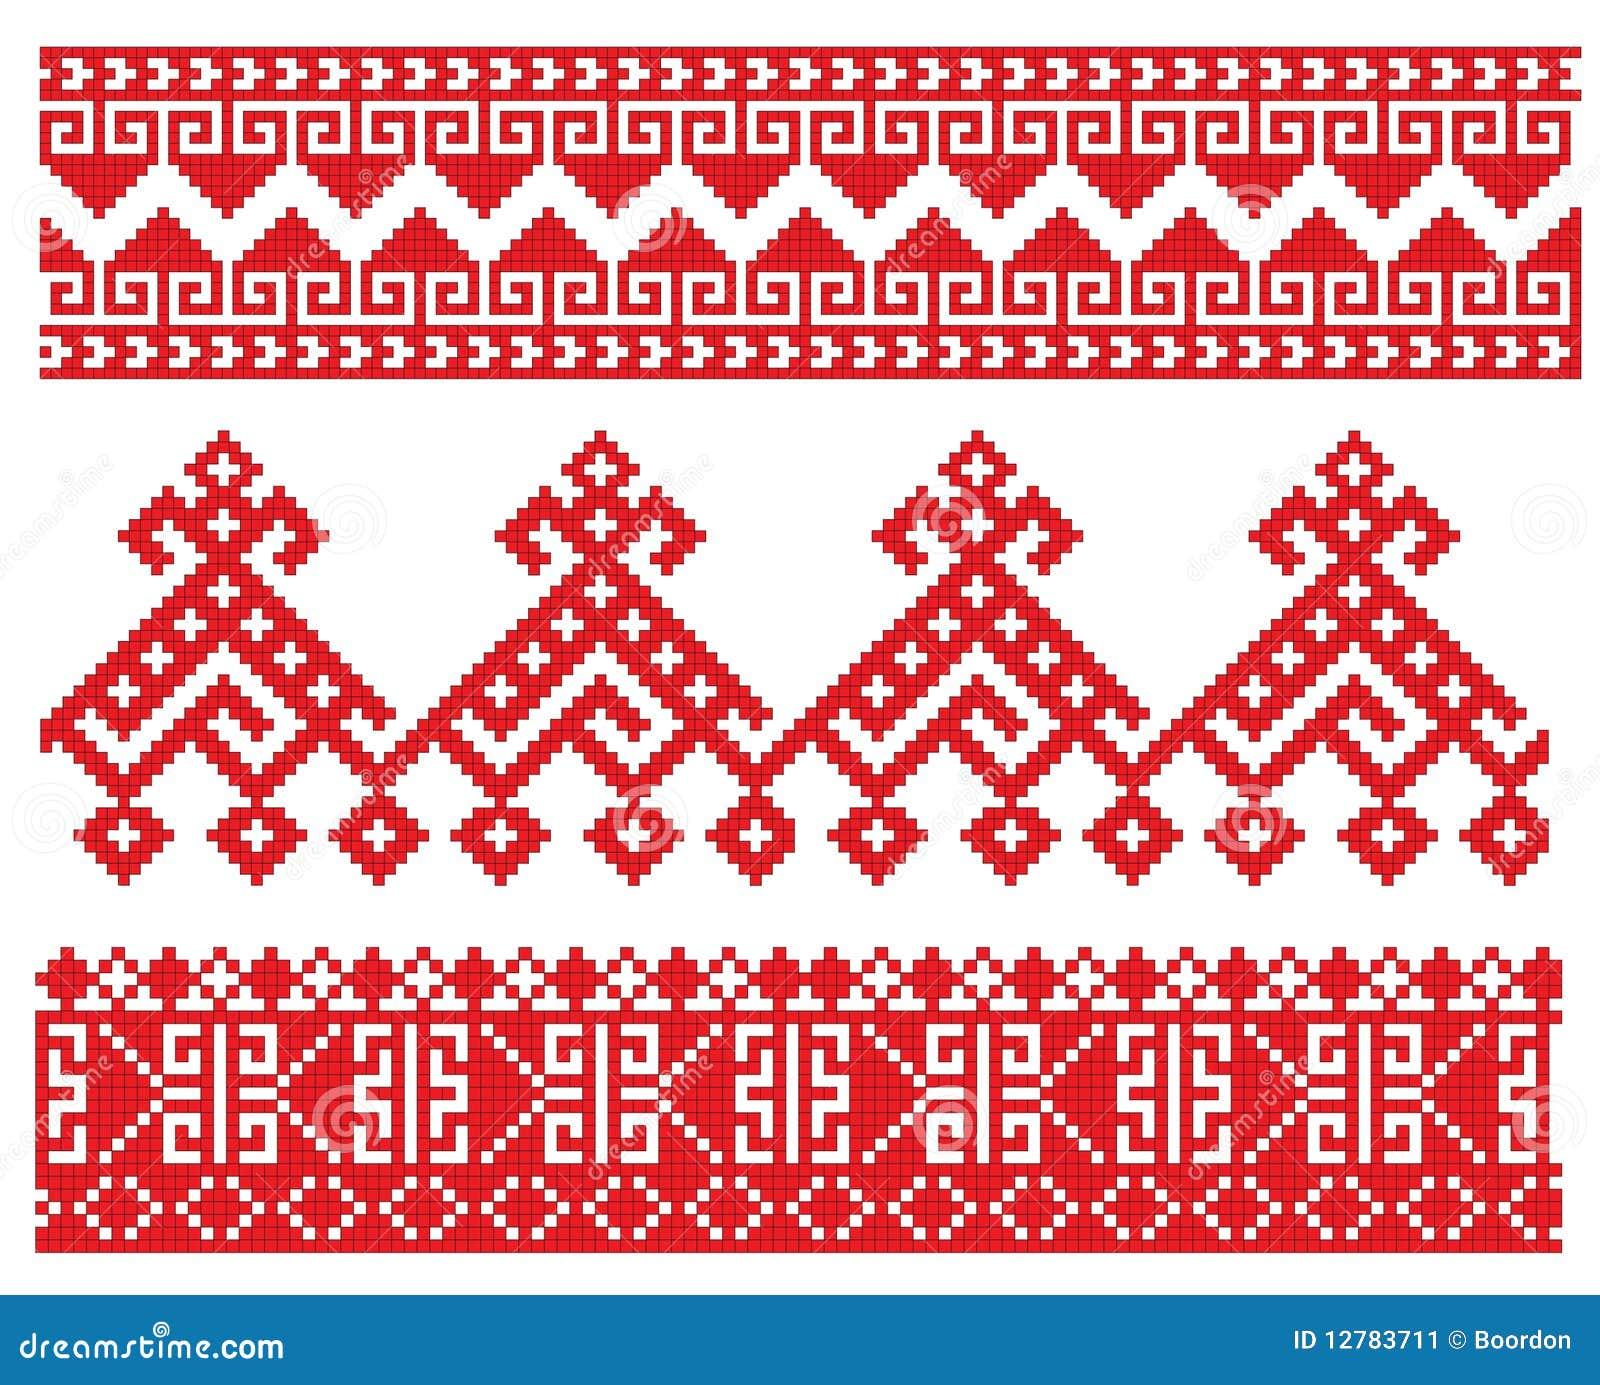 Русские узоры вышивка для полотенец